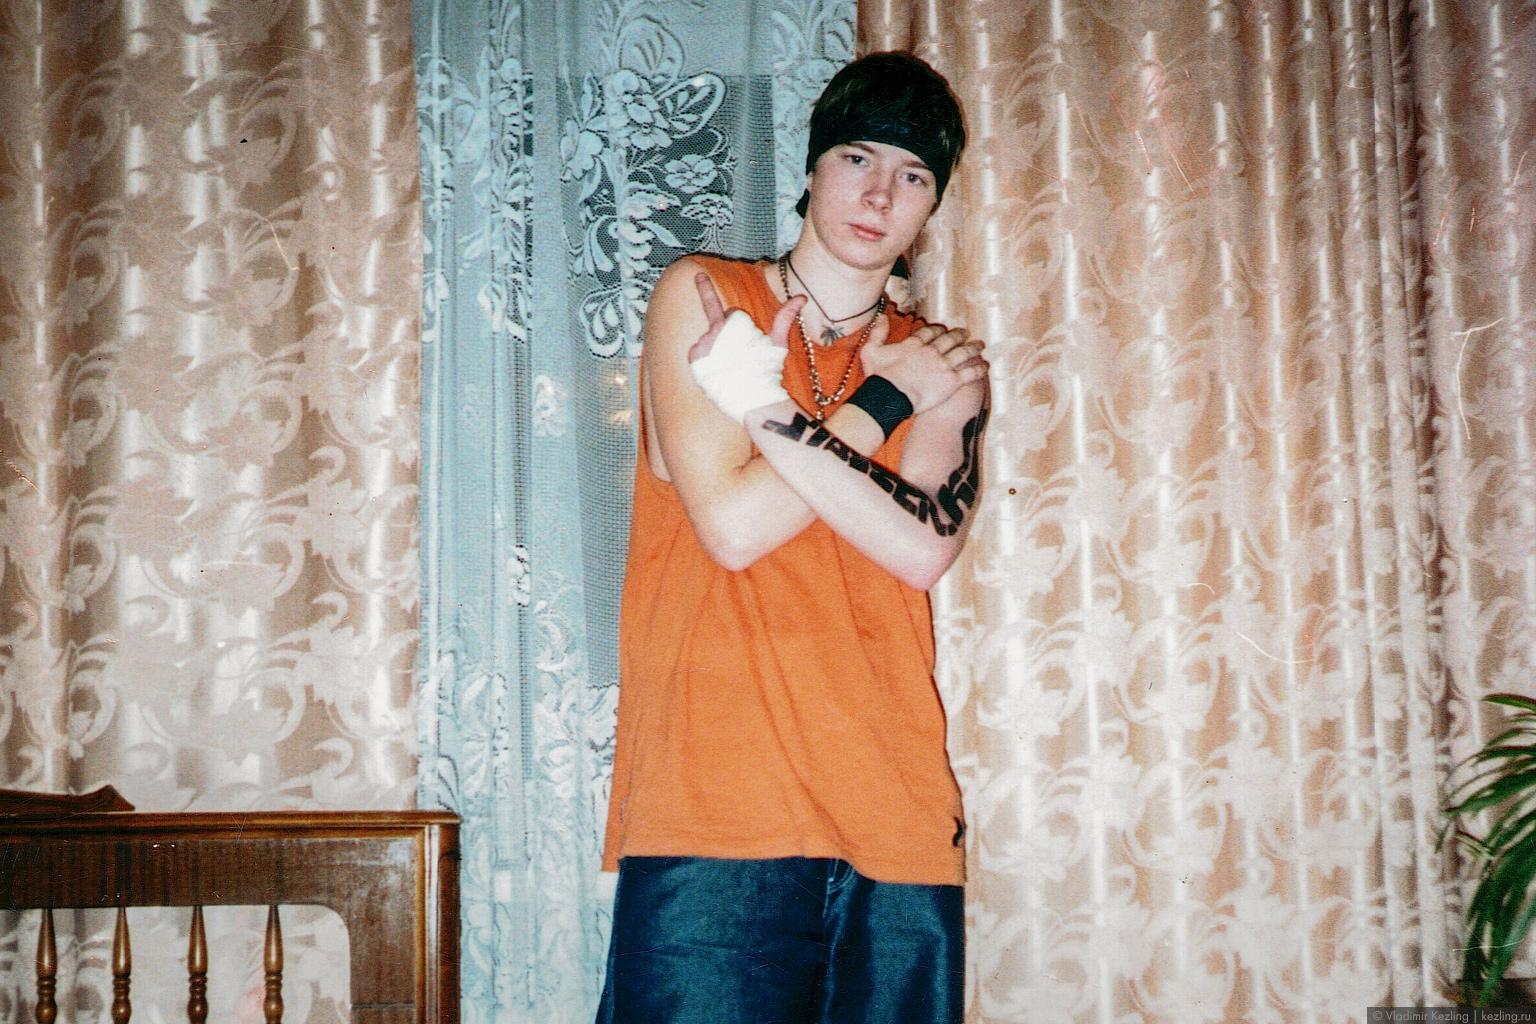 Выпускной класс школы: я — рэпер, участник группы «Северный ветер». Санкт-Петербург, Россия, 2003